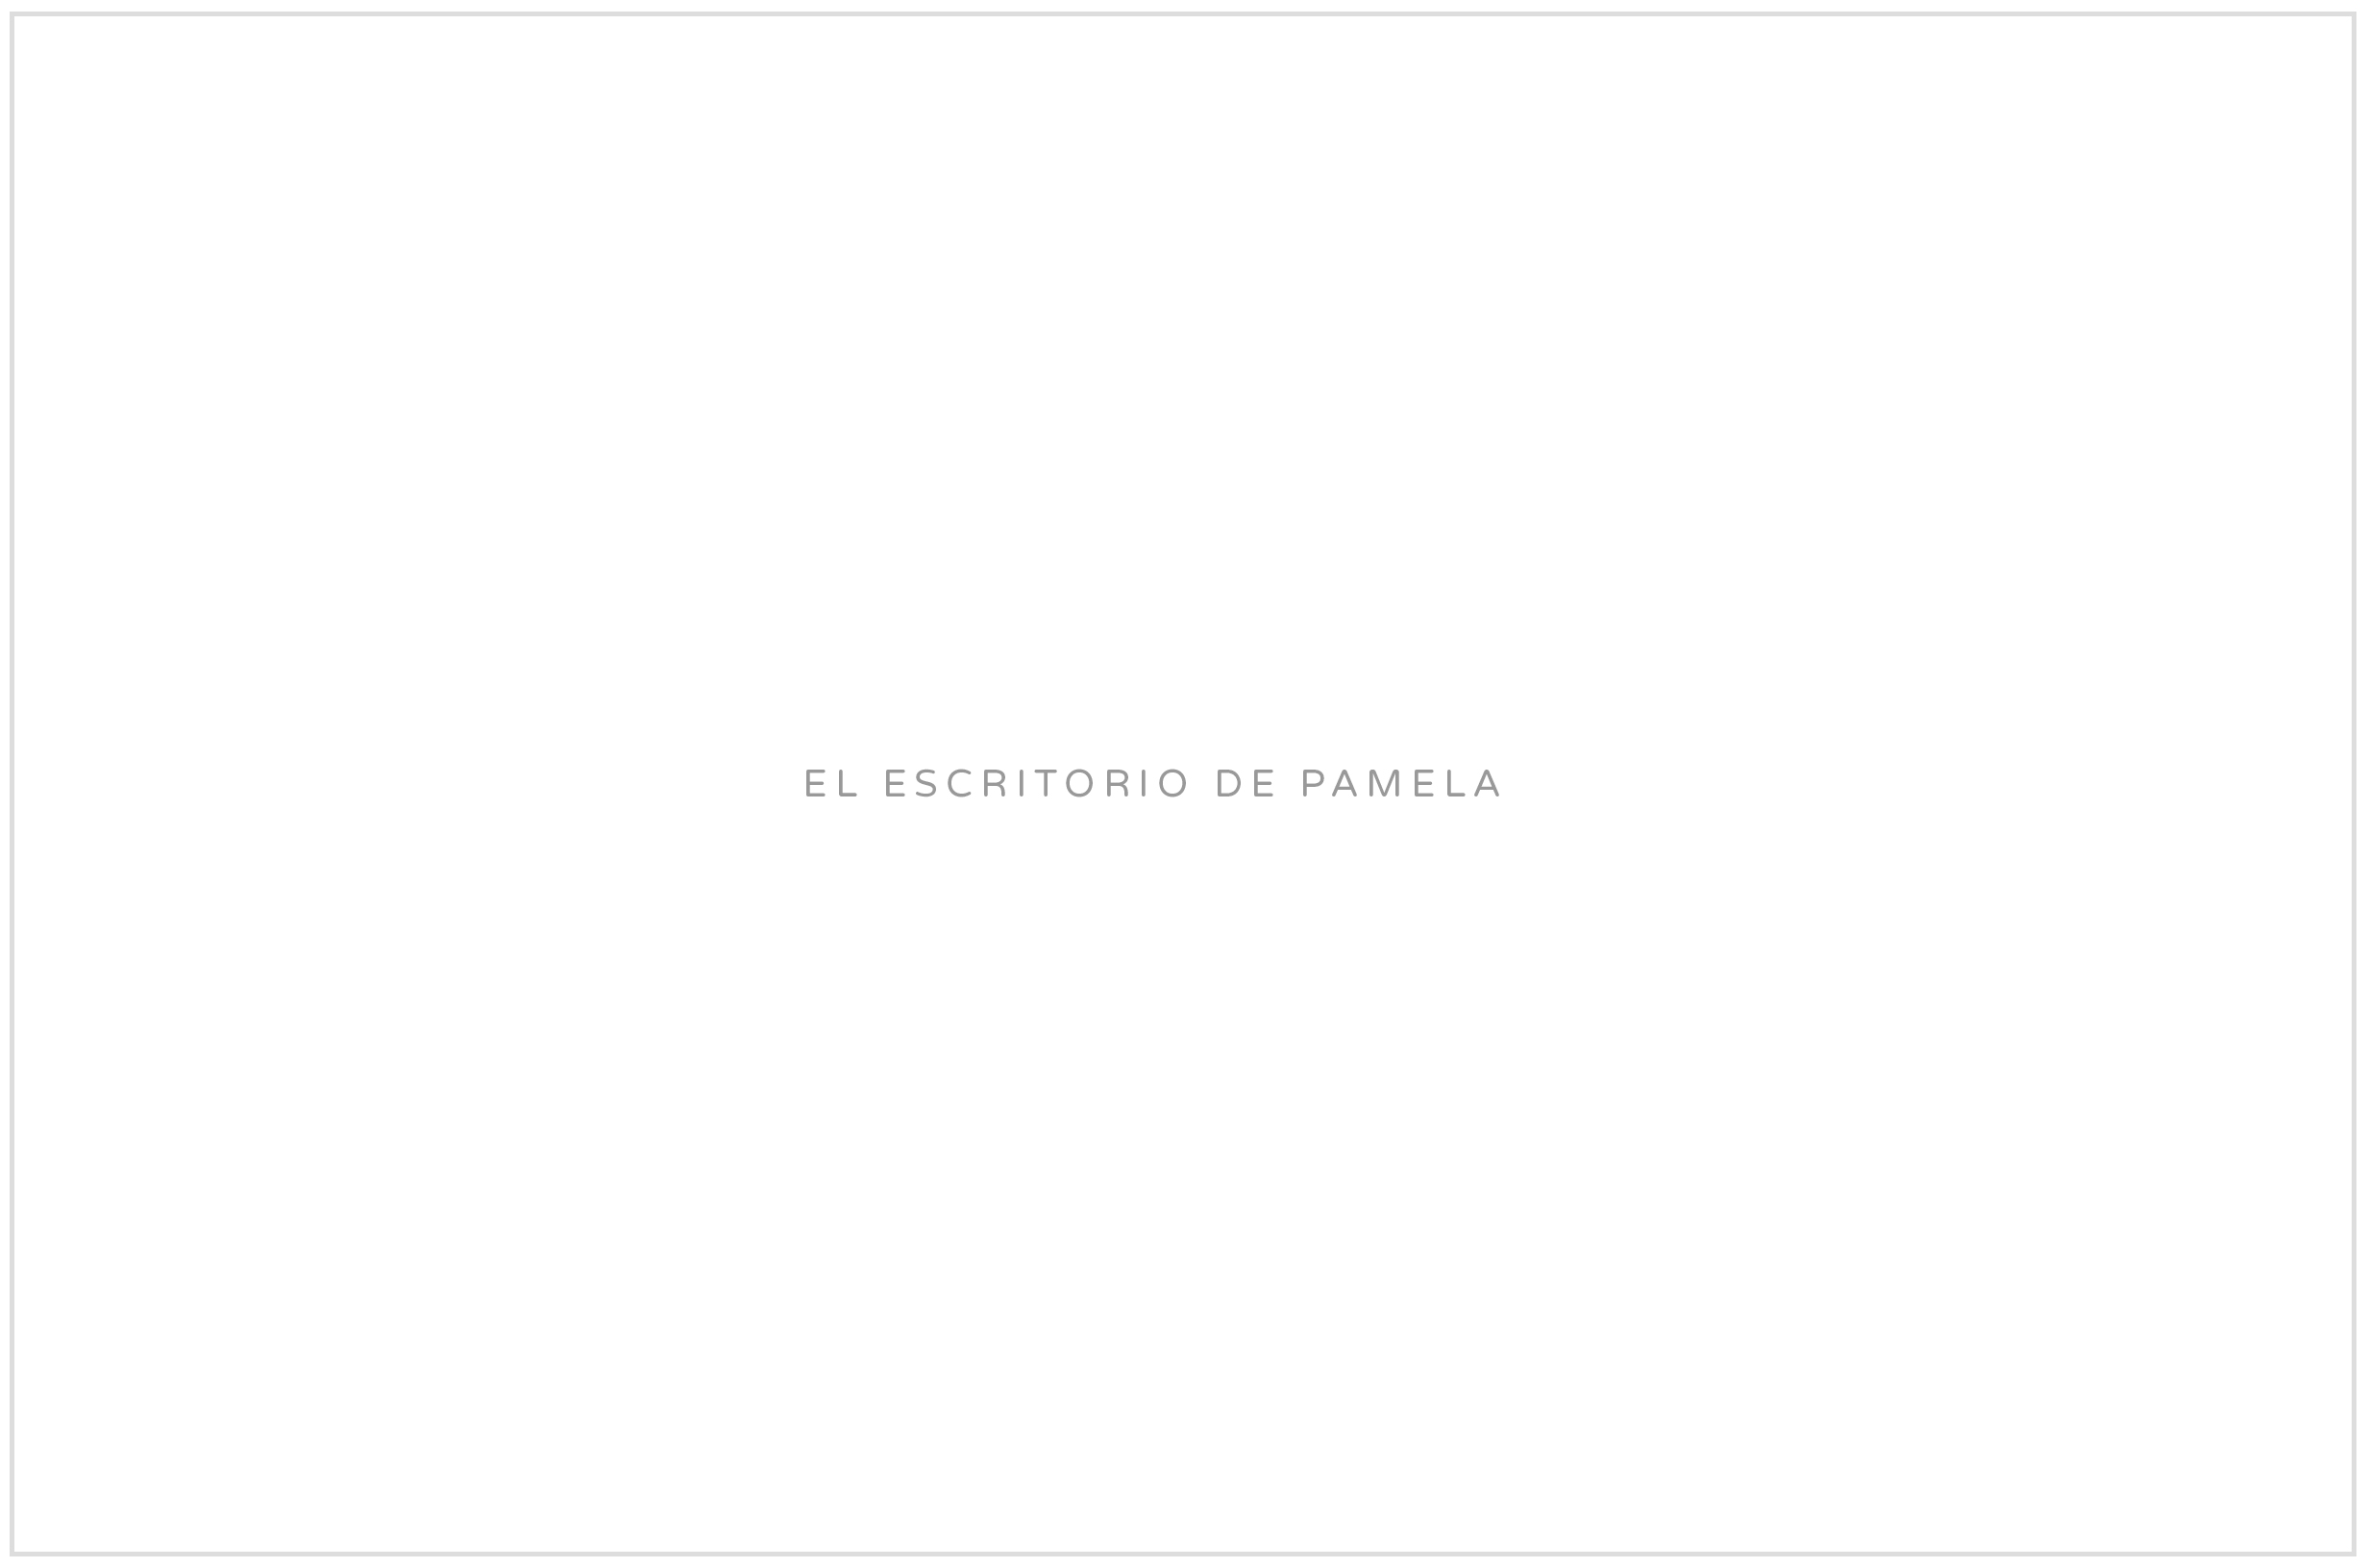 PLANTILLA TITULOS.jpg